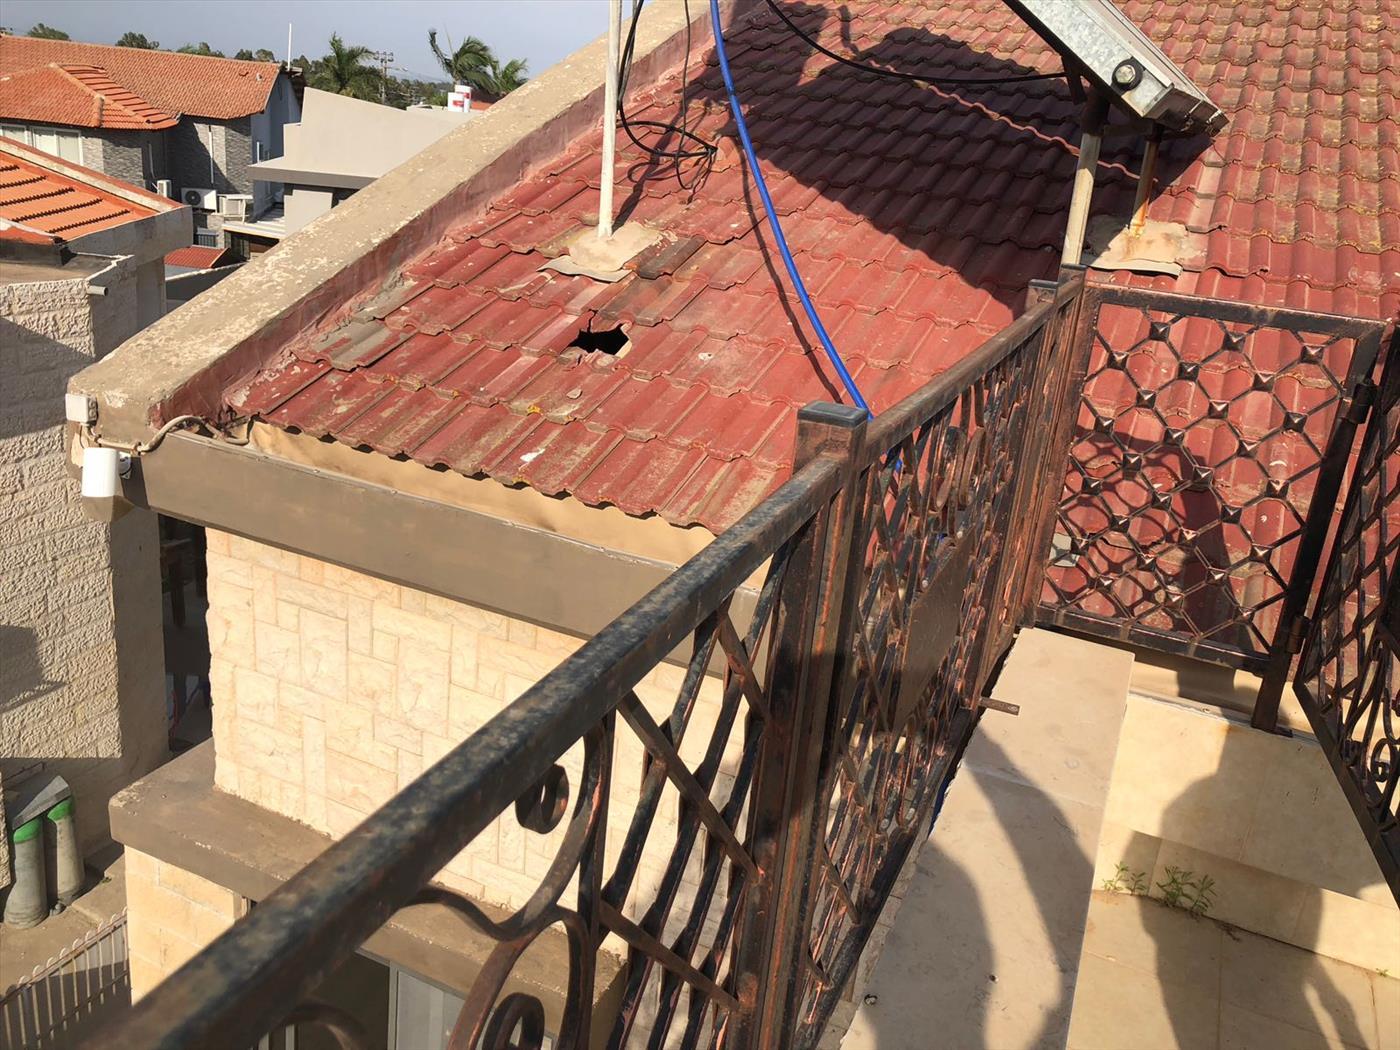 שדרות: מבנים נפגעו מירי שביצעו ערבים מרצועת עזה